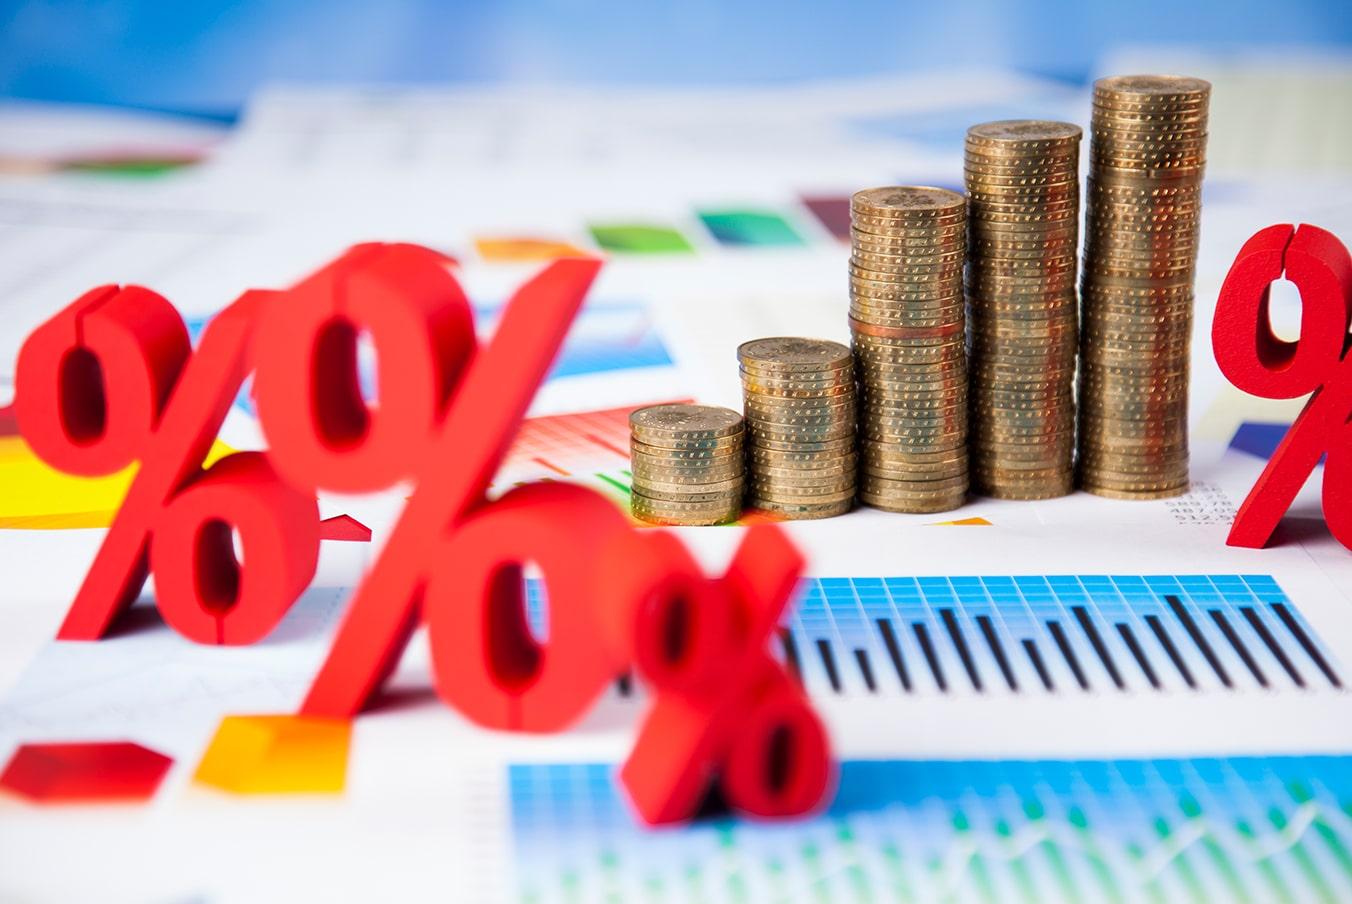 Der effektive Zinssatz bei einem Kredit